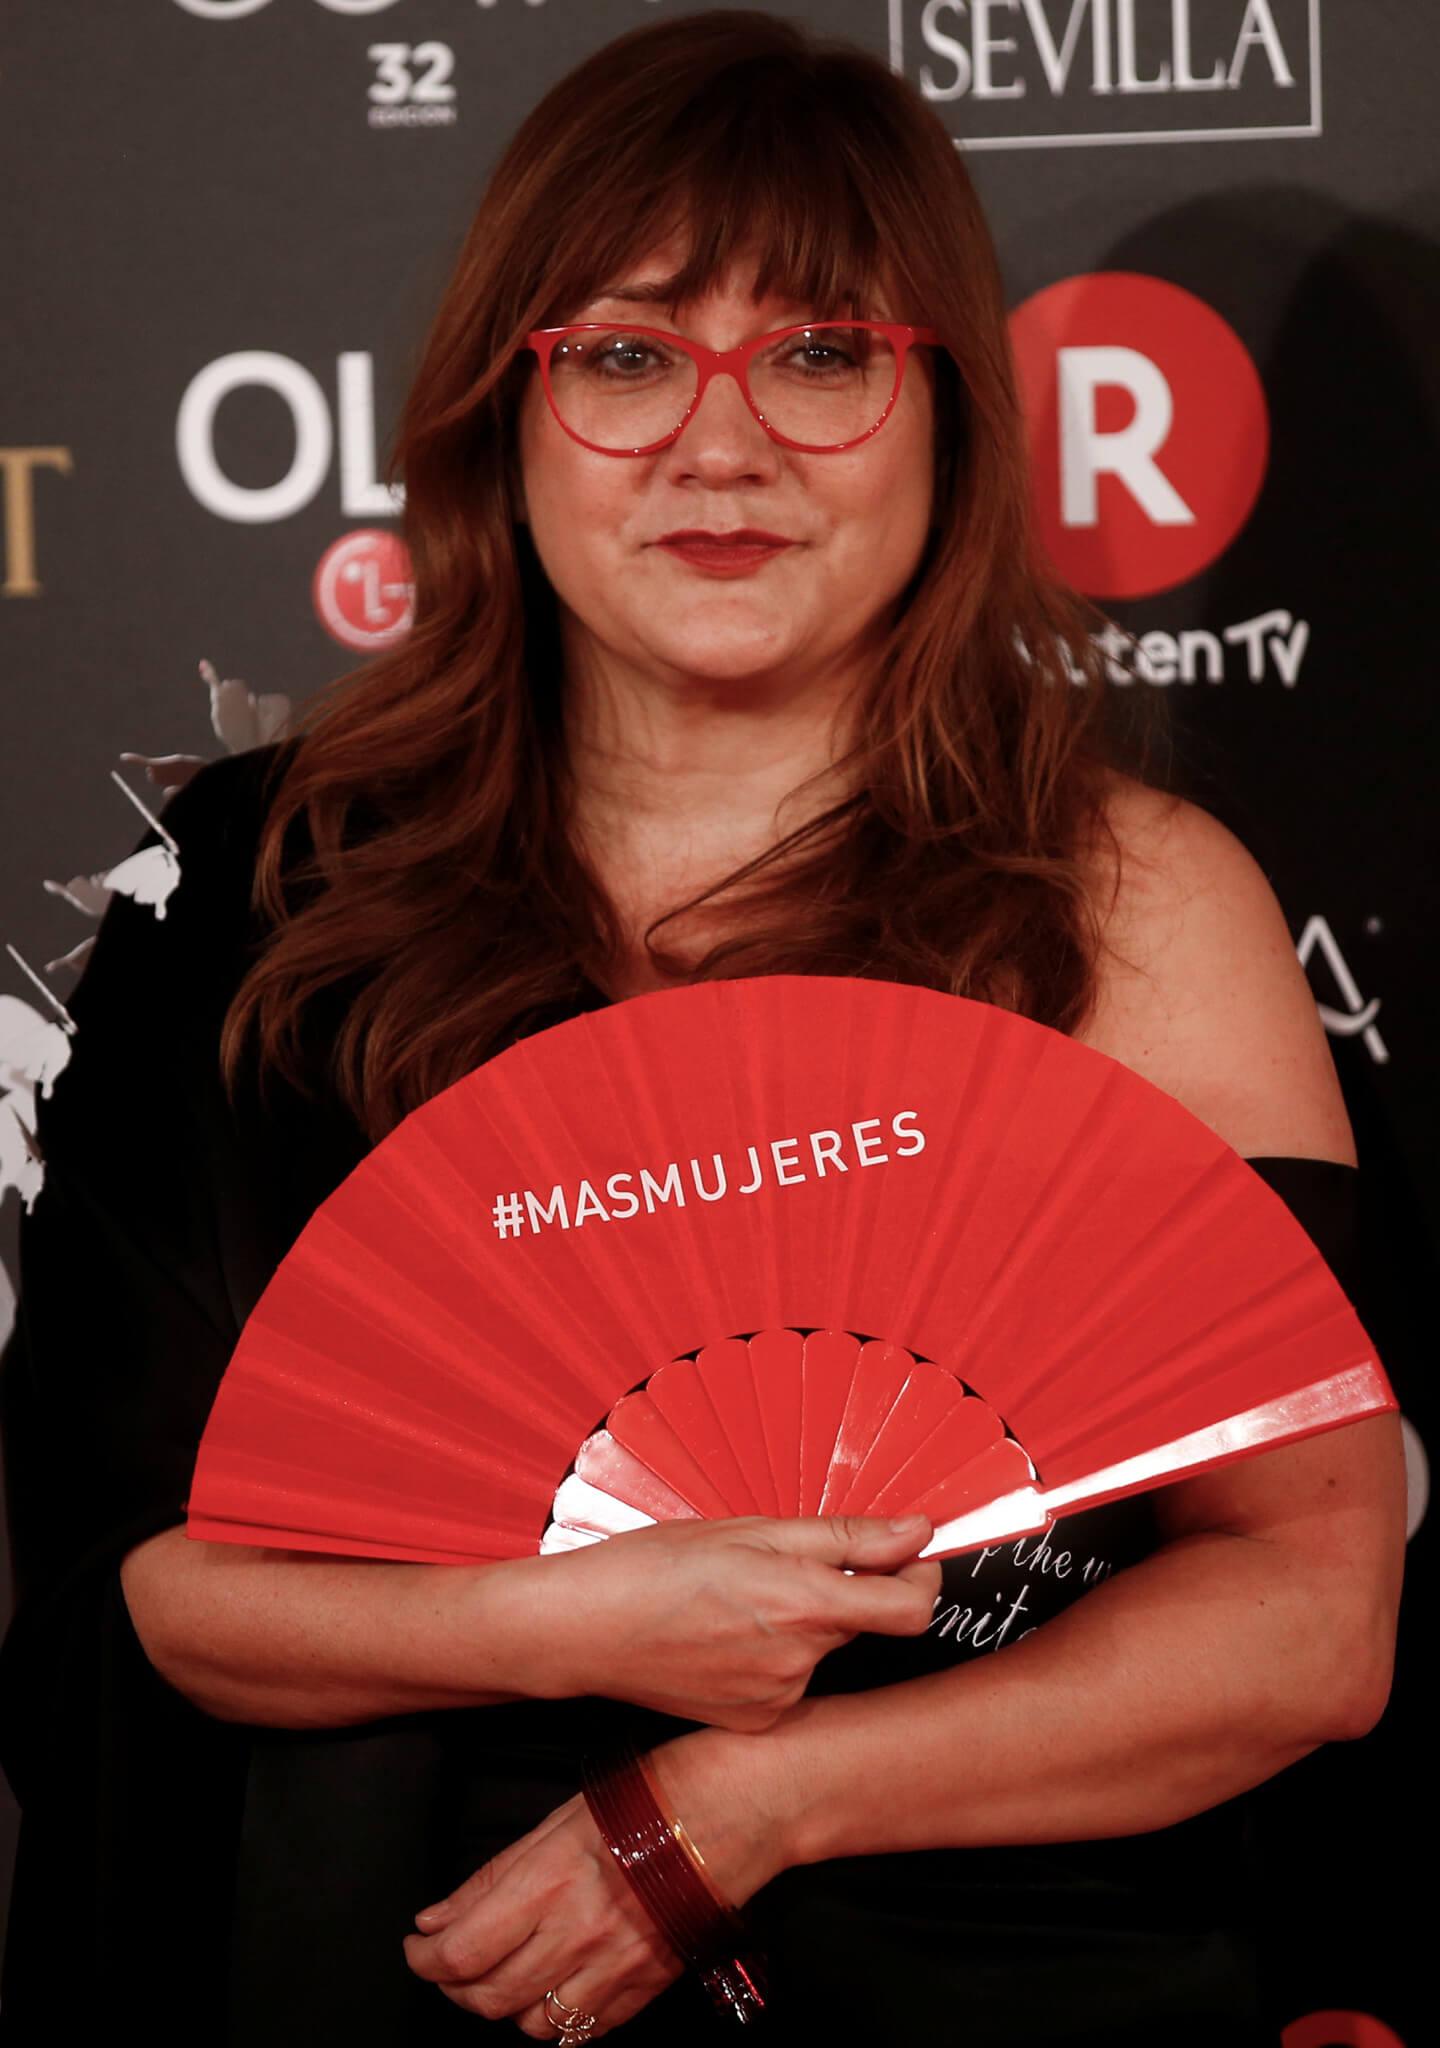 La directora Isabel Coixet. nominada por 'La librería'